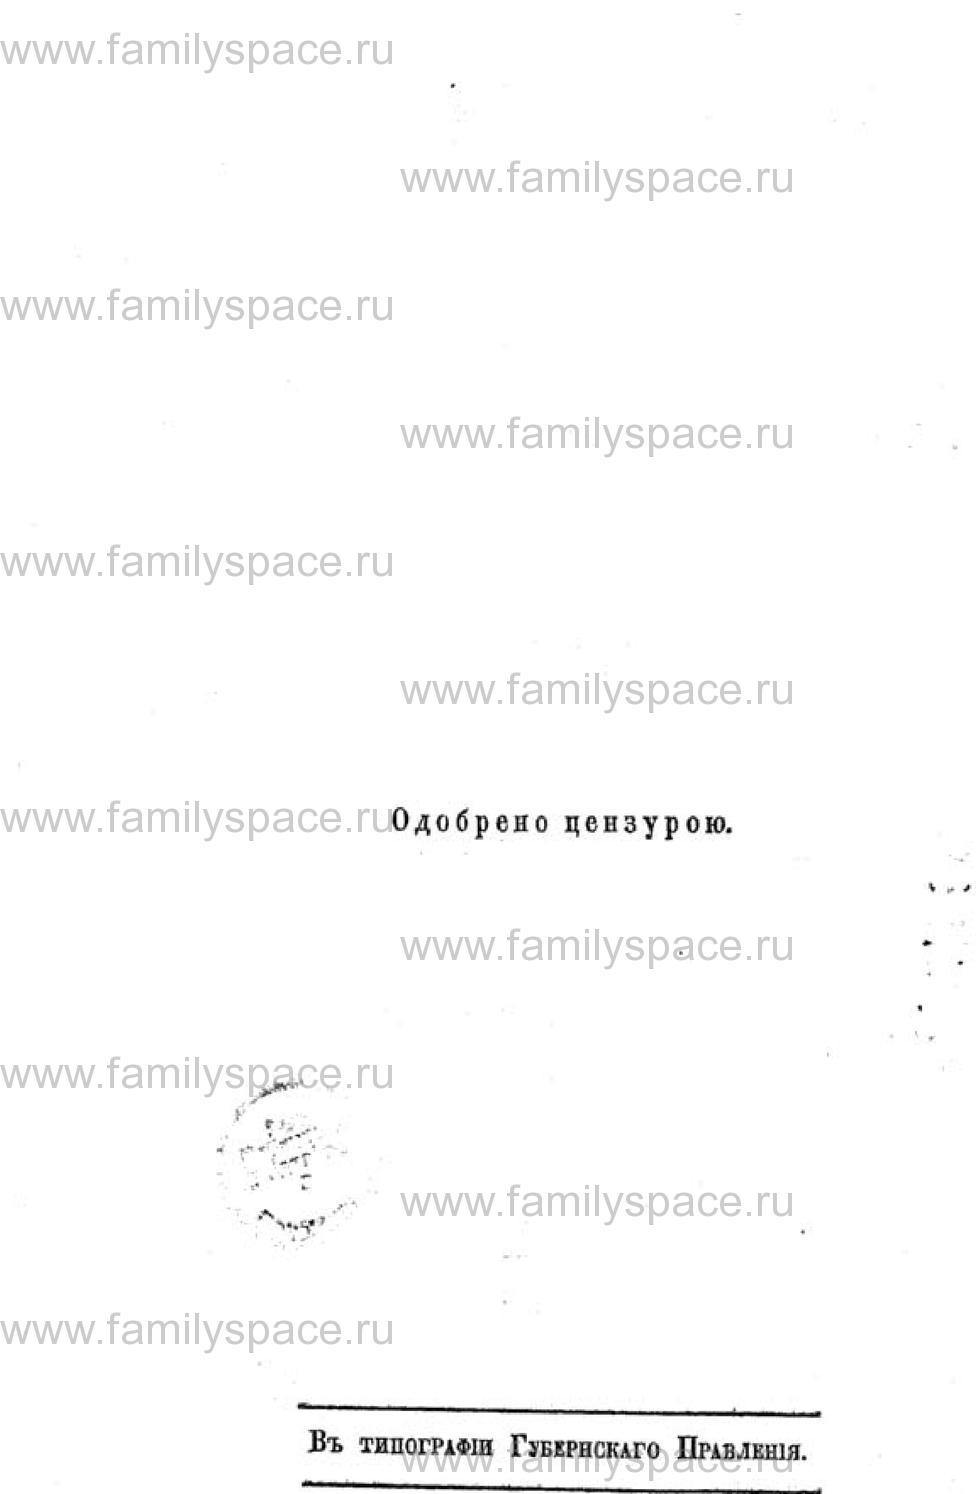 Поиск по фамилии - Памятная книжка Воронежской губернии на 1863-1864 годы, страница -3